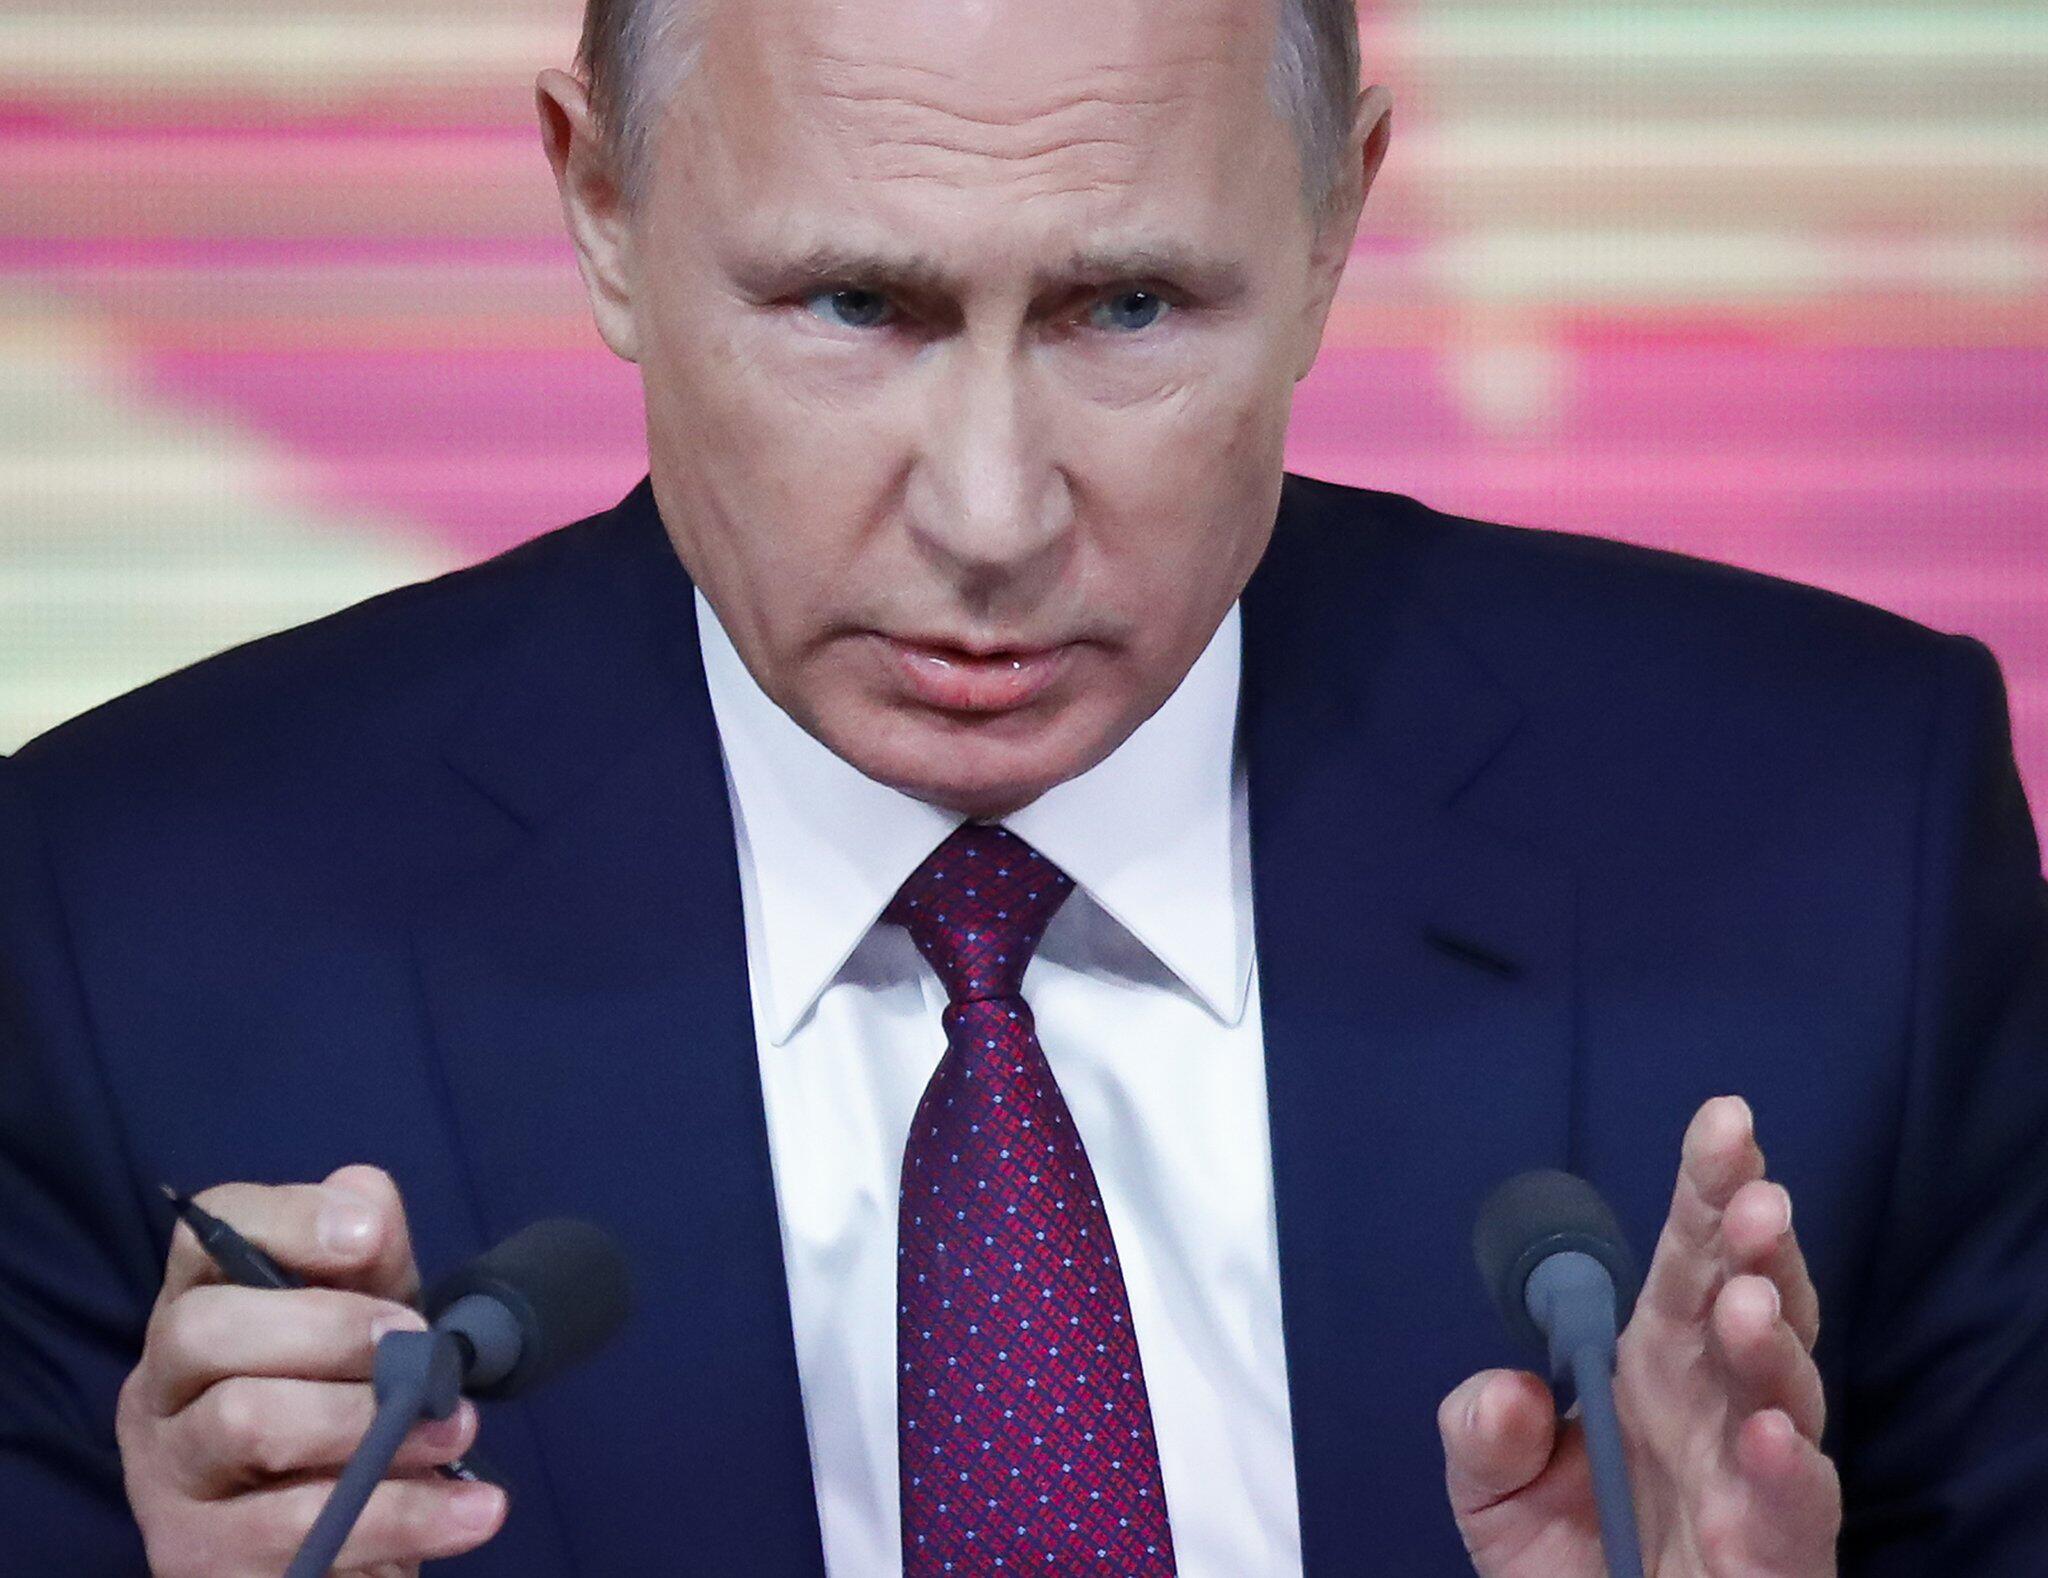 Bild zu Präsidentenwahl in Russland - Wladimir Putin